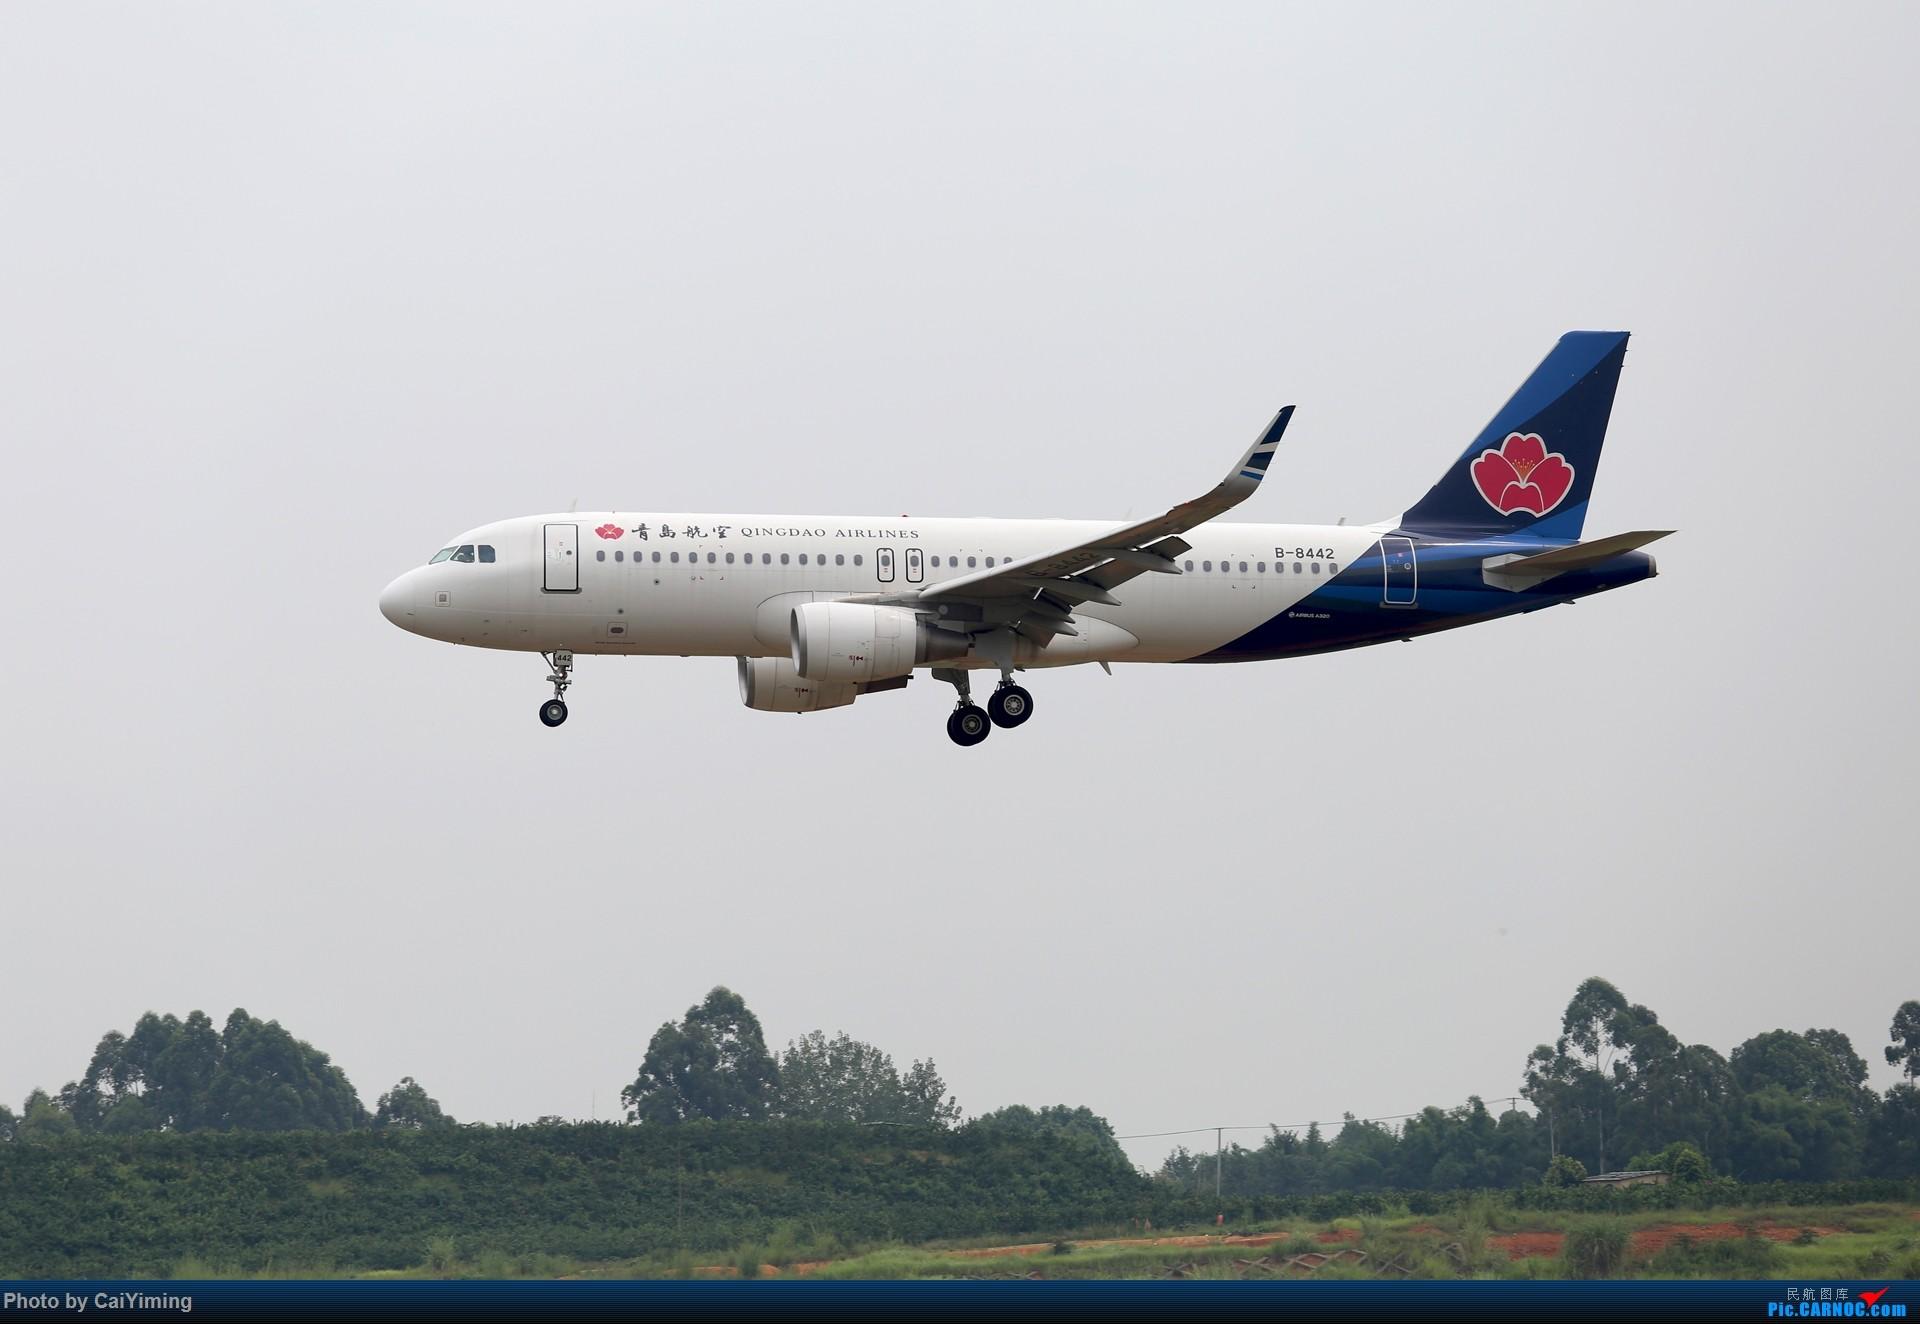 Re:[原创]成都双流水泥厂的日常 AIRBUS A320-200 B-8442 中国成都双流国际机场